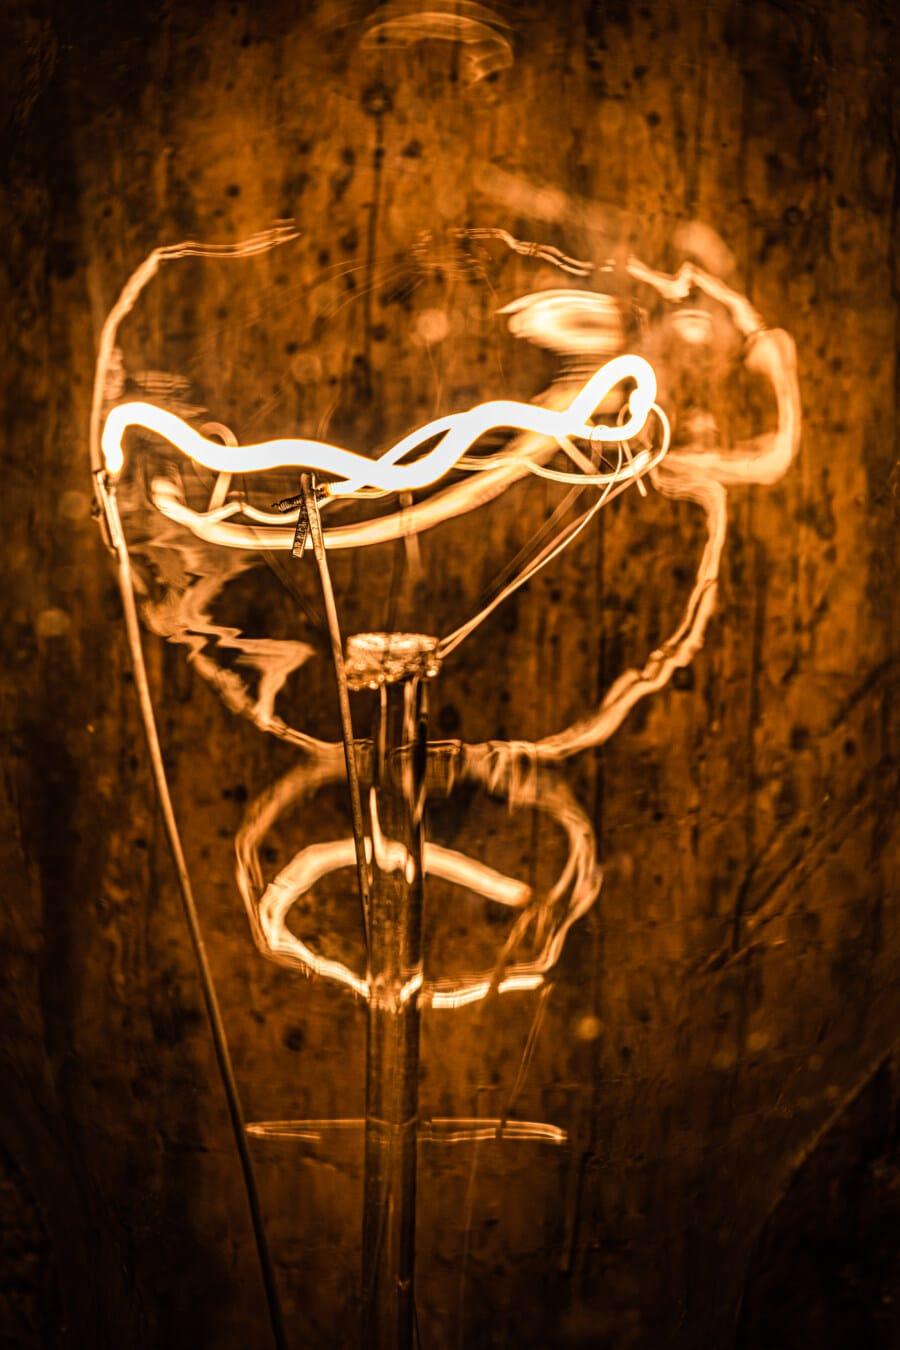 brillant, luminescence, fluorescent, filament, en détail, ampoule, fermer, électricité, énergie, invention